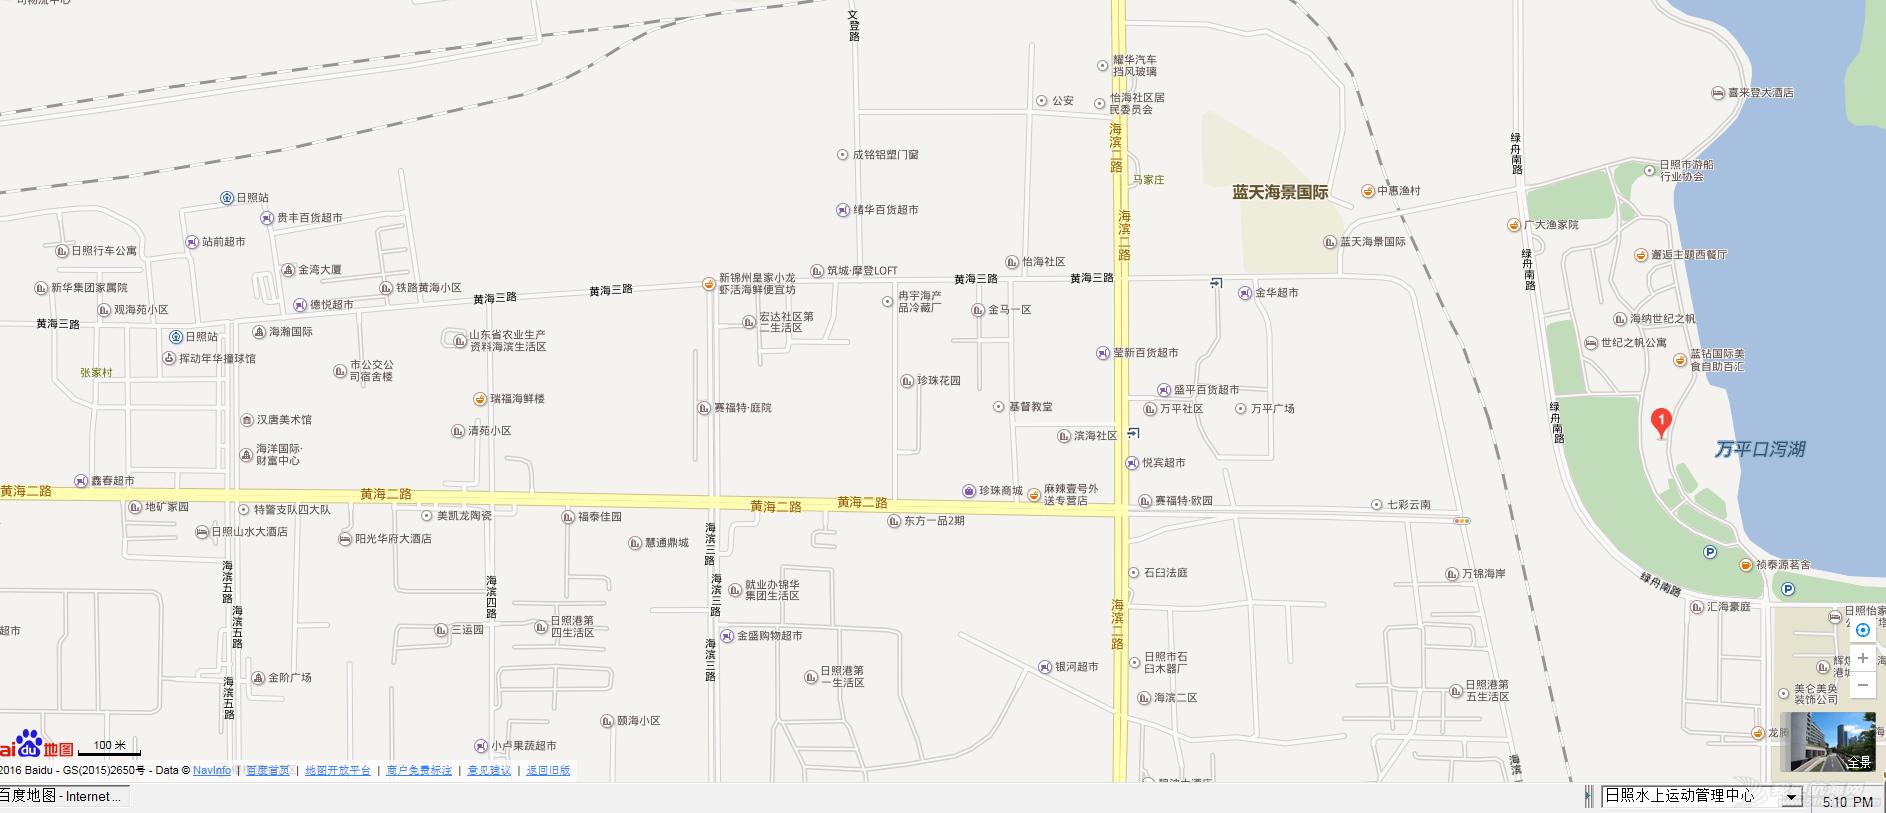 火车站_帆船中心.png